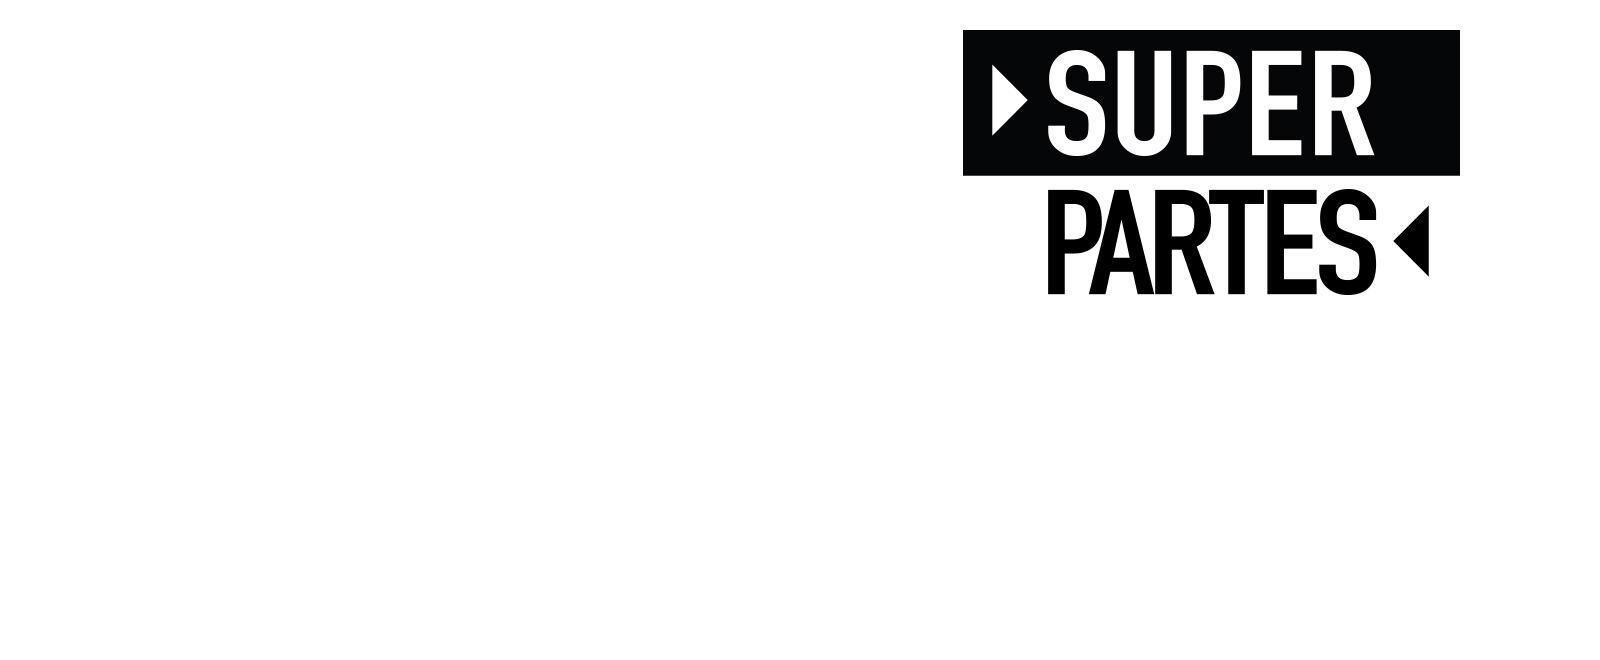 Super partes - elezioni amministrative '21